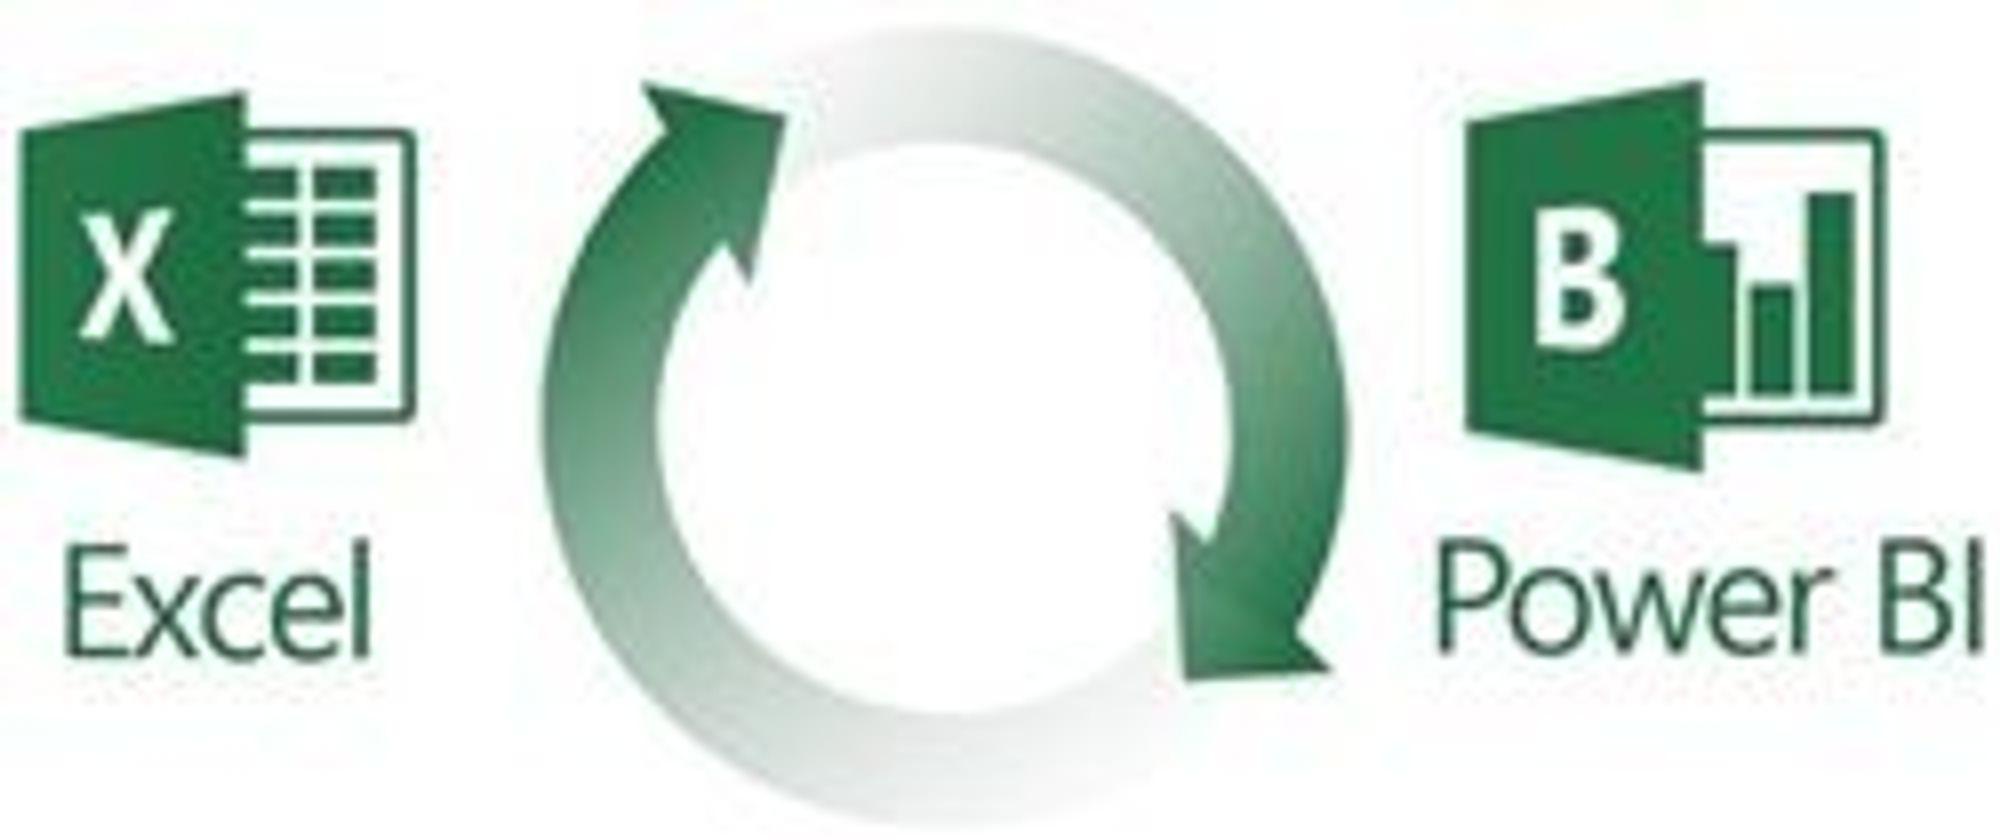 Power BI innbyr til selvbetjent beslutningsstøtte gjennom Excel, ifølge Microsoft.